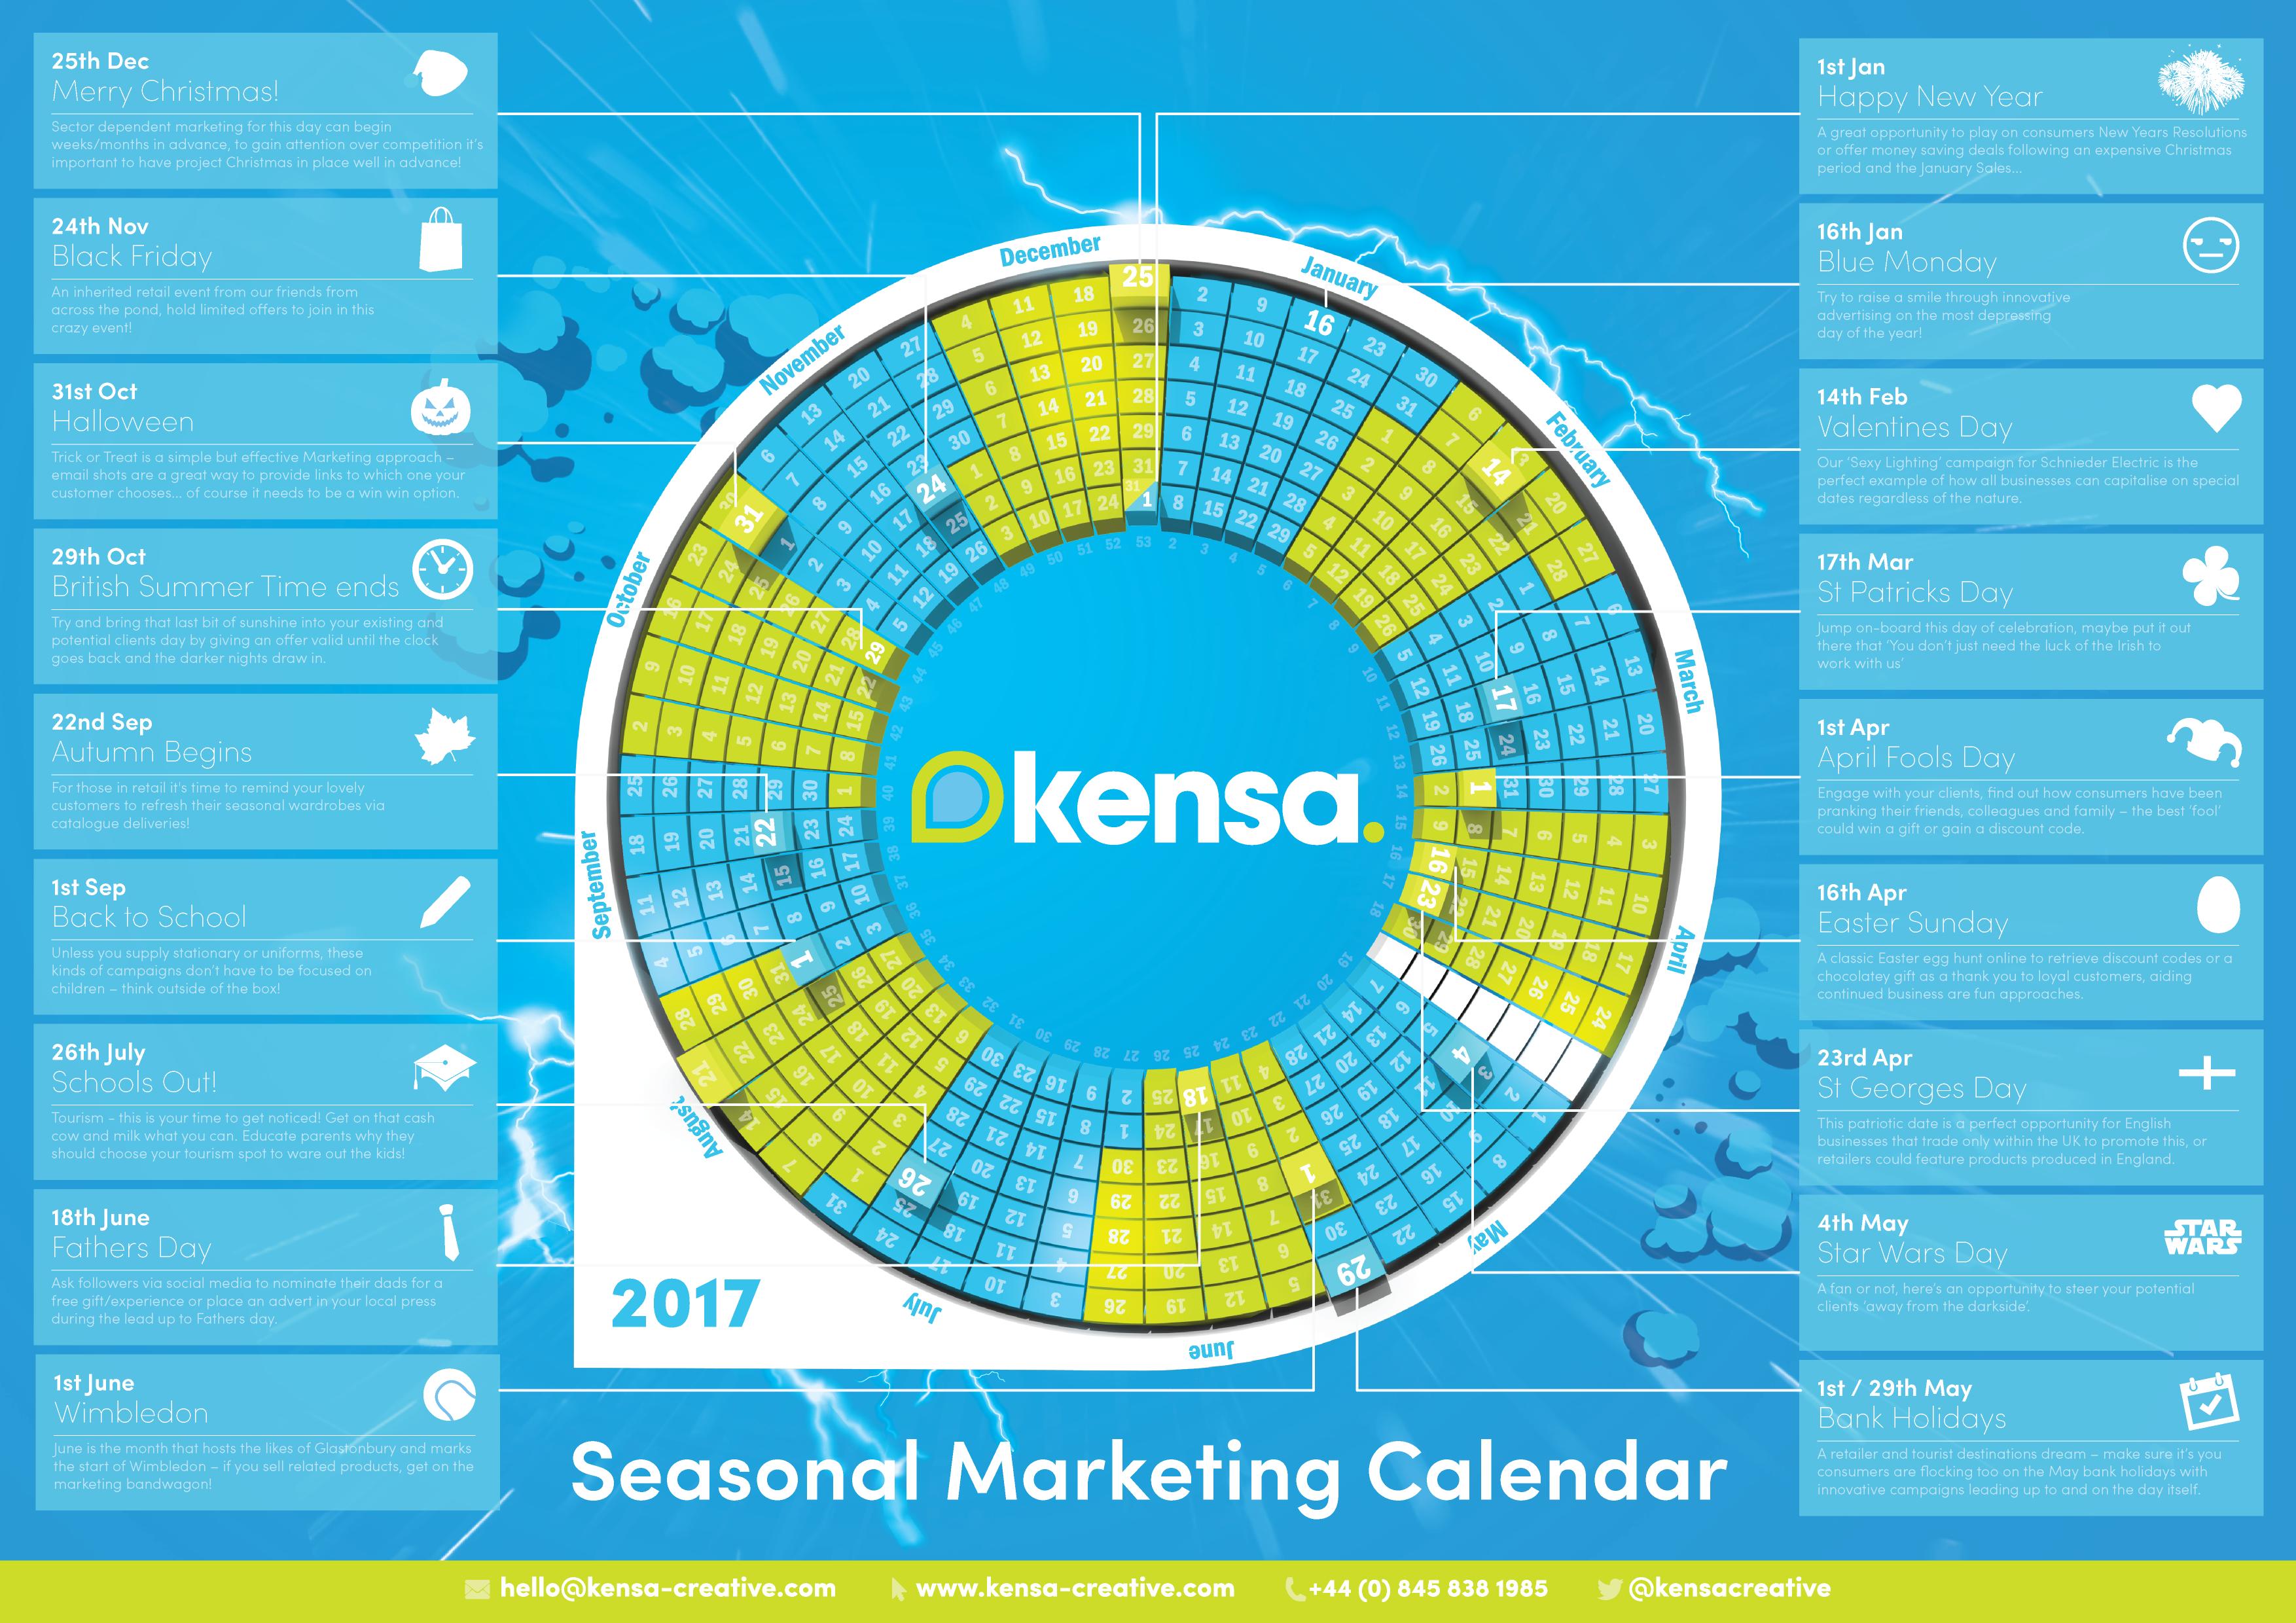 Seasonal Marketing Calendar 2017